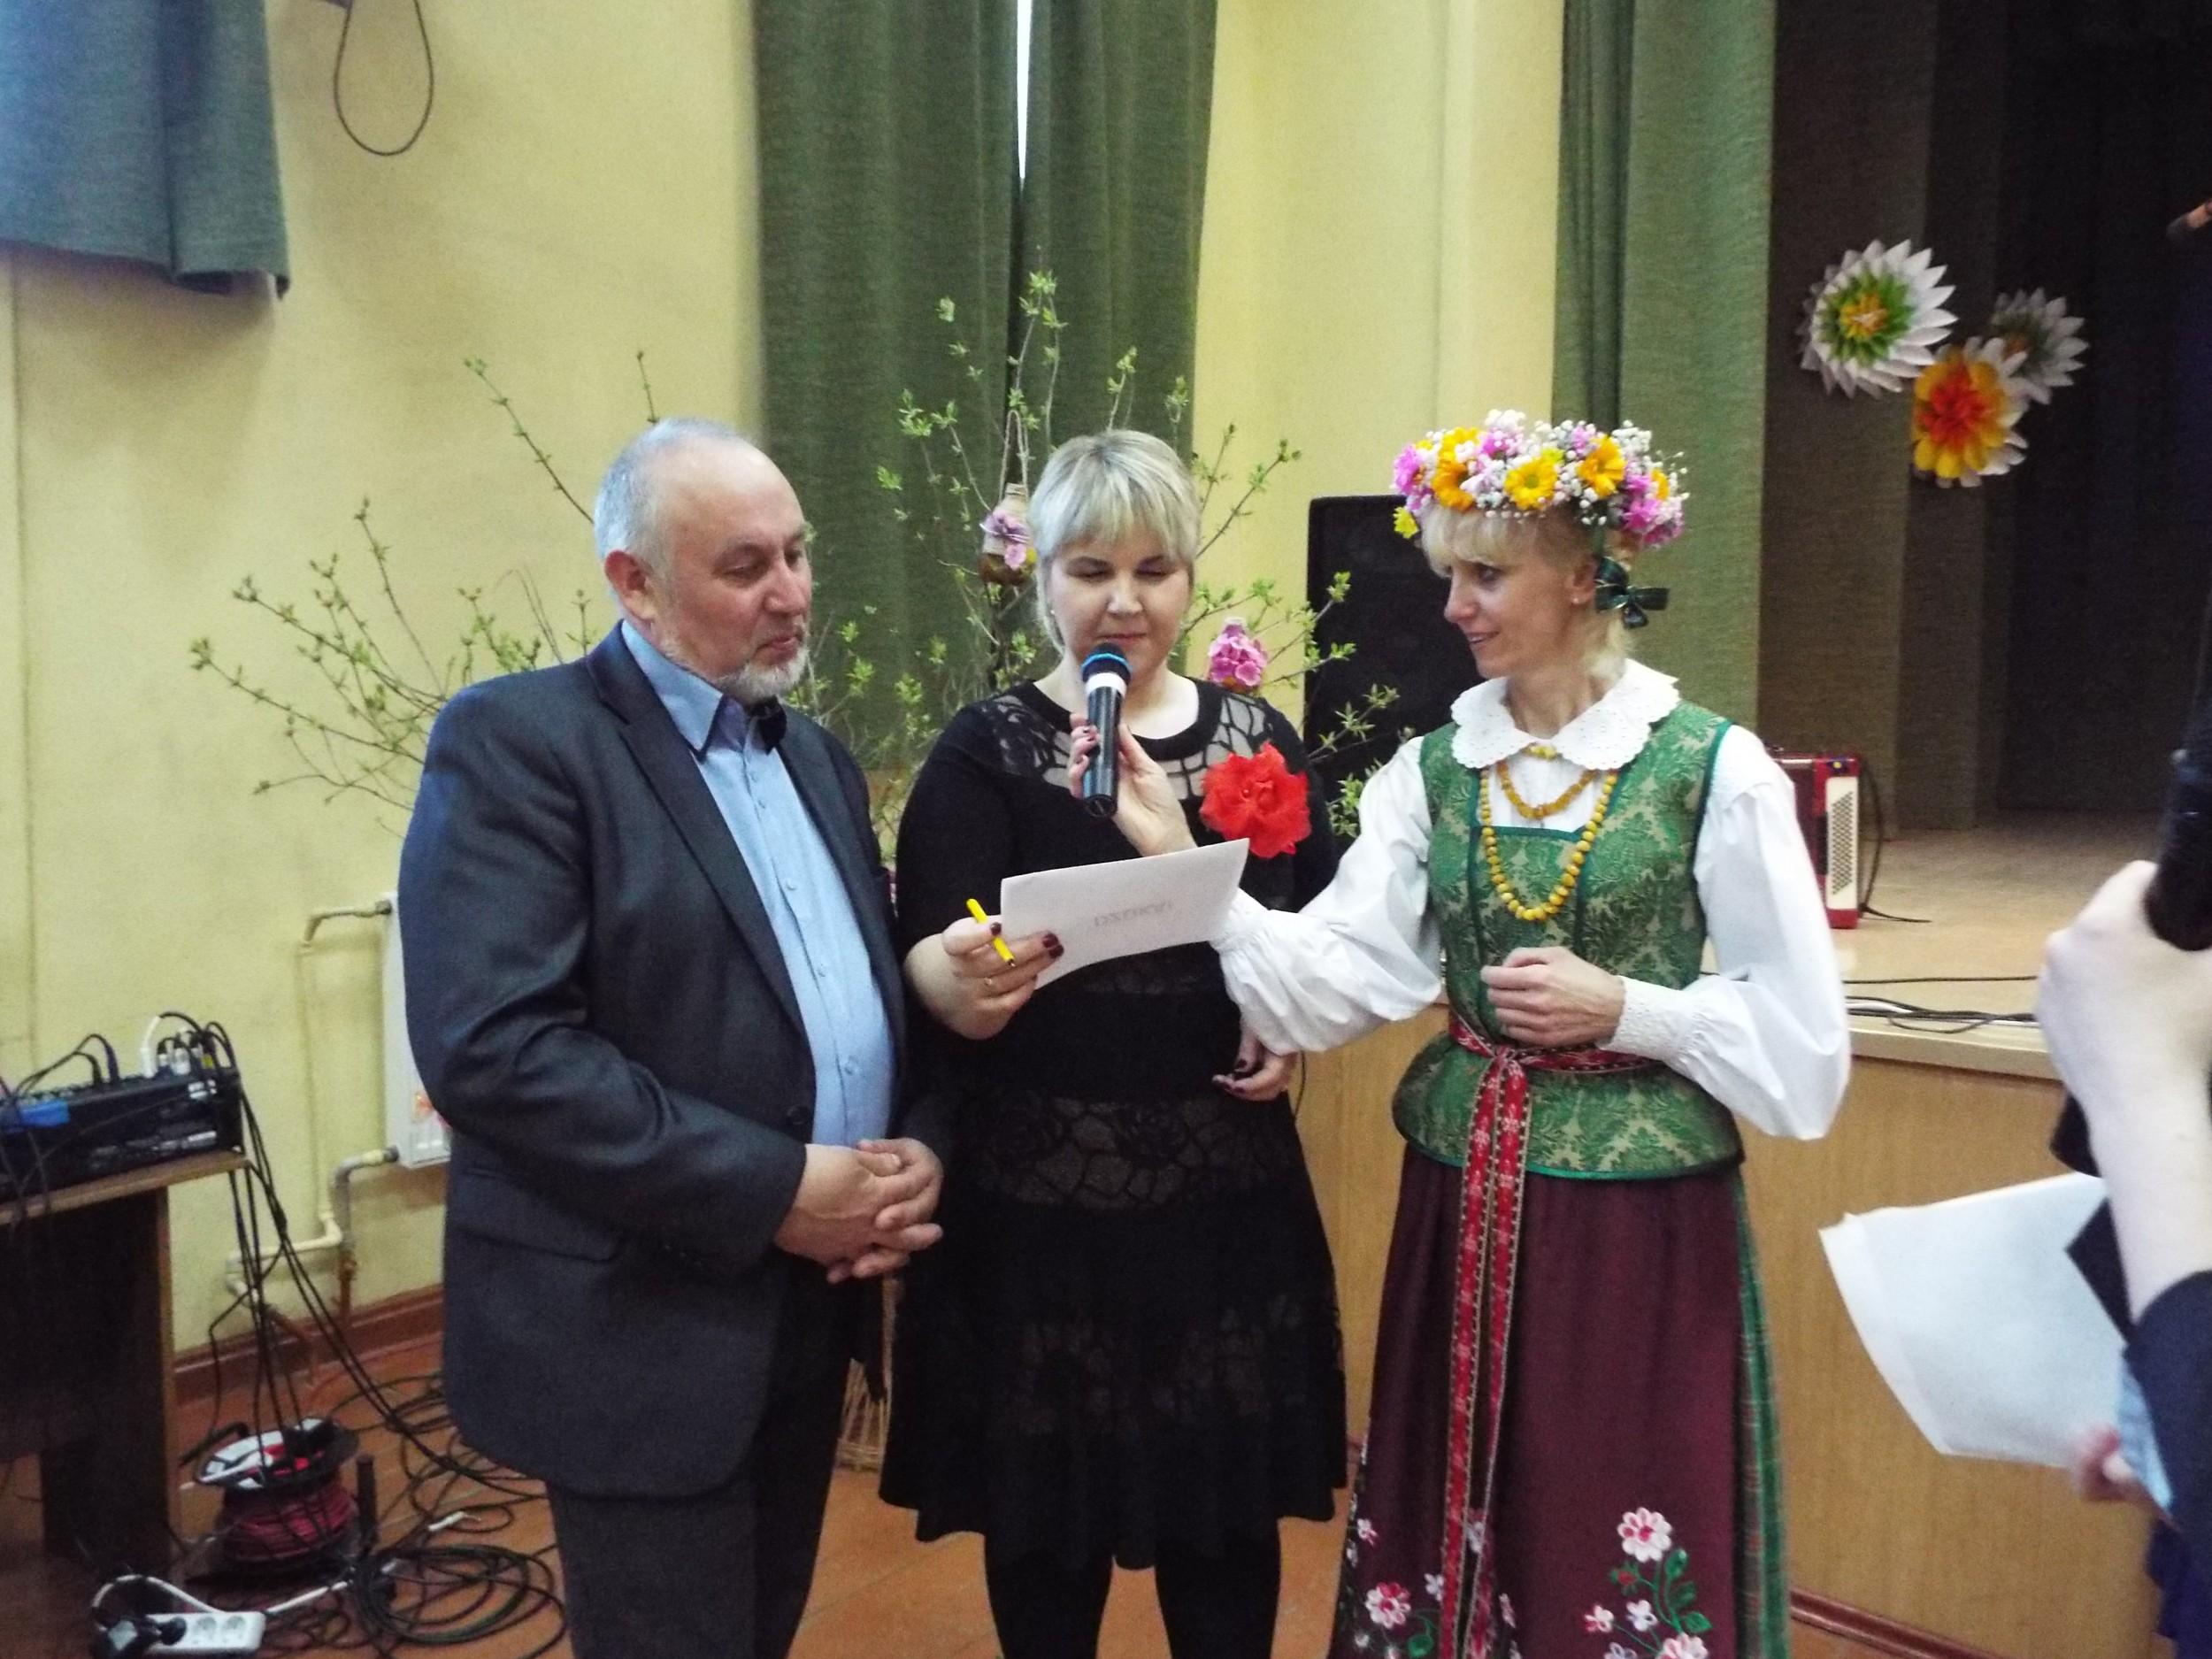 Jurginių šventė subūrė vietos bendruomenes Linkuvos kultūros centre